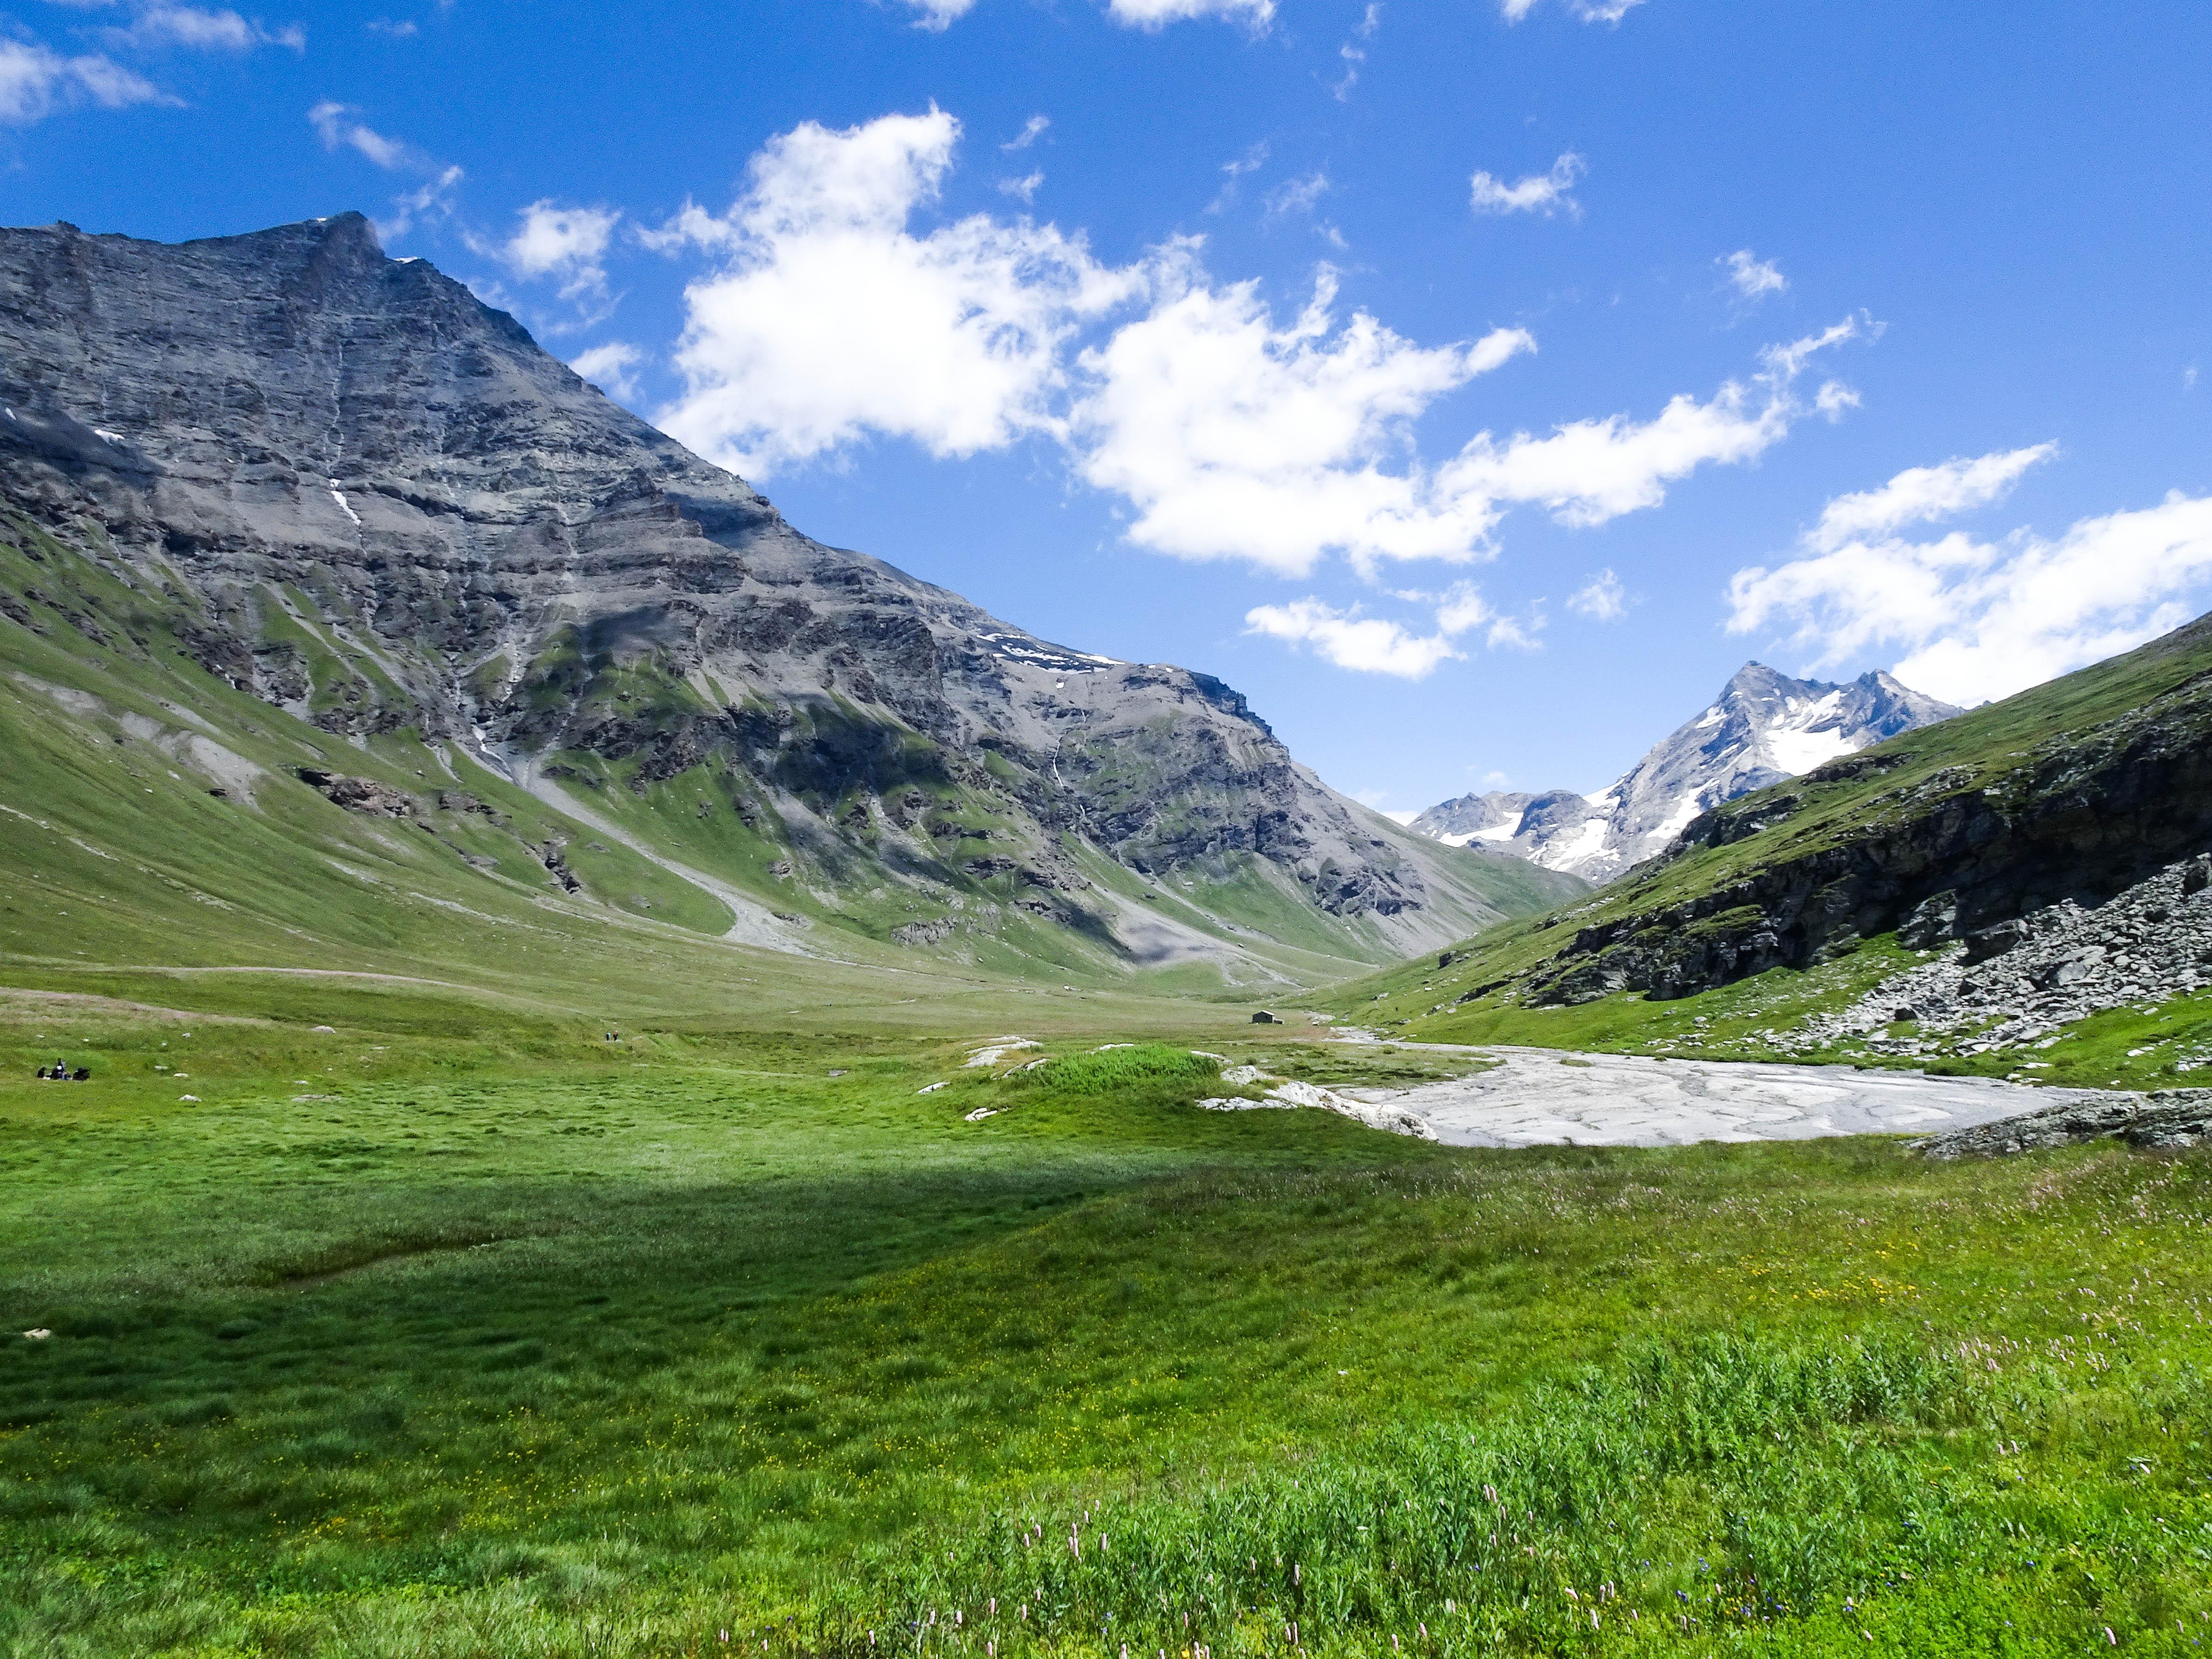 Randonnee Haute Savoie Vanoise Tignes Val d'Isere - Le Saut Tignes